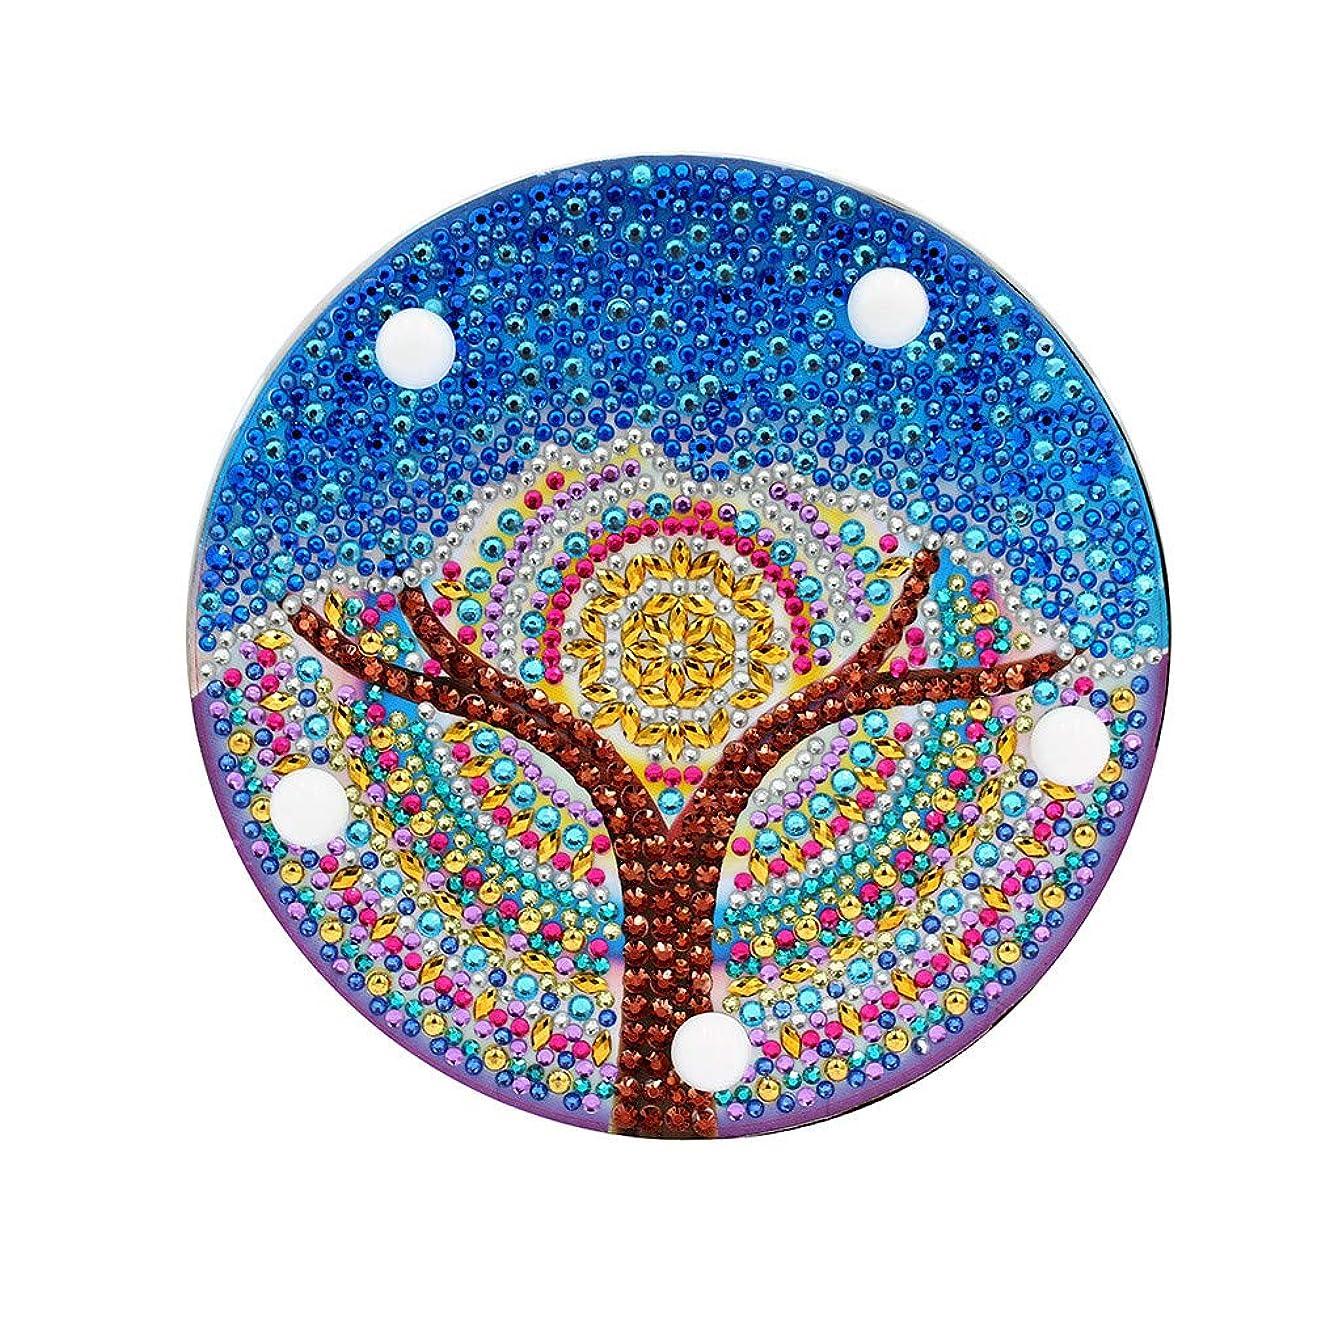 リラックスジョリー力学Barlingrock バーリングロックDIYダイヤモンド塗装ライト刺繍フルドリル専用ダイヤモンドLEDライトダイヤモンド塗装スタイルランプ(青)